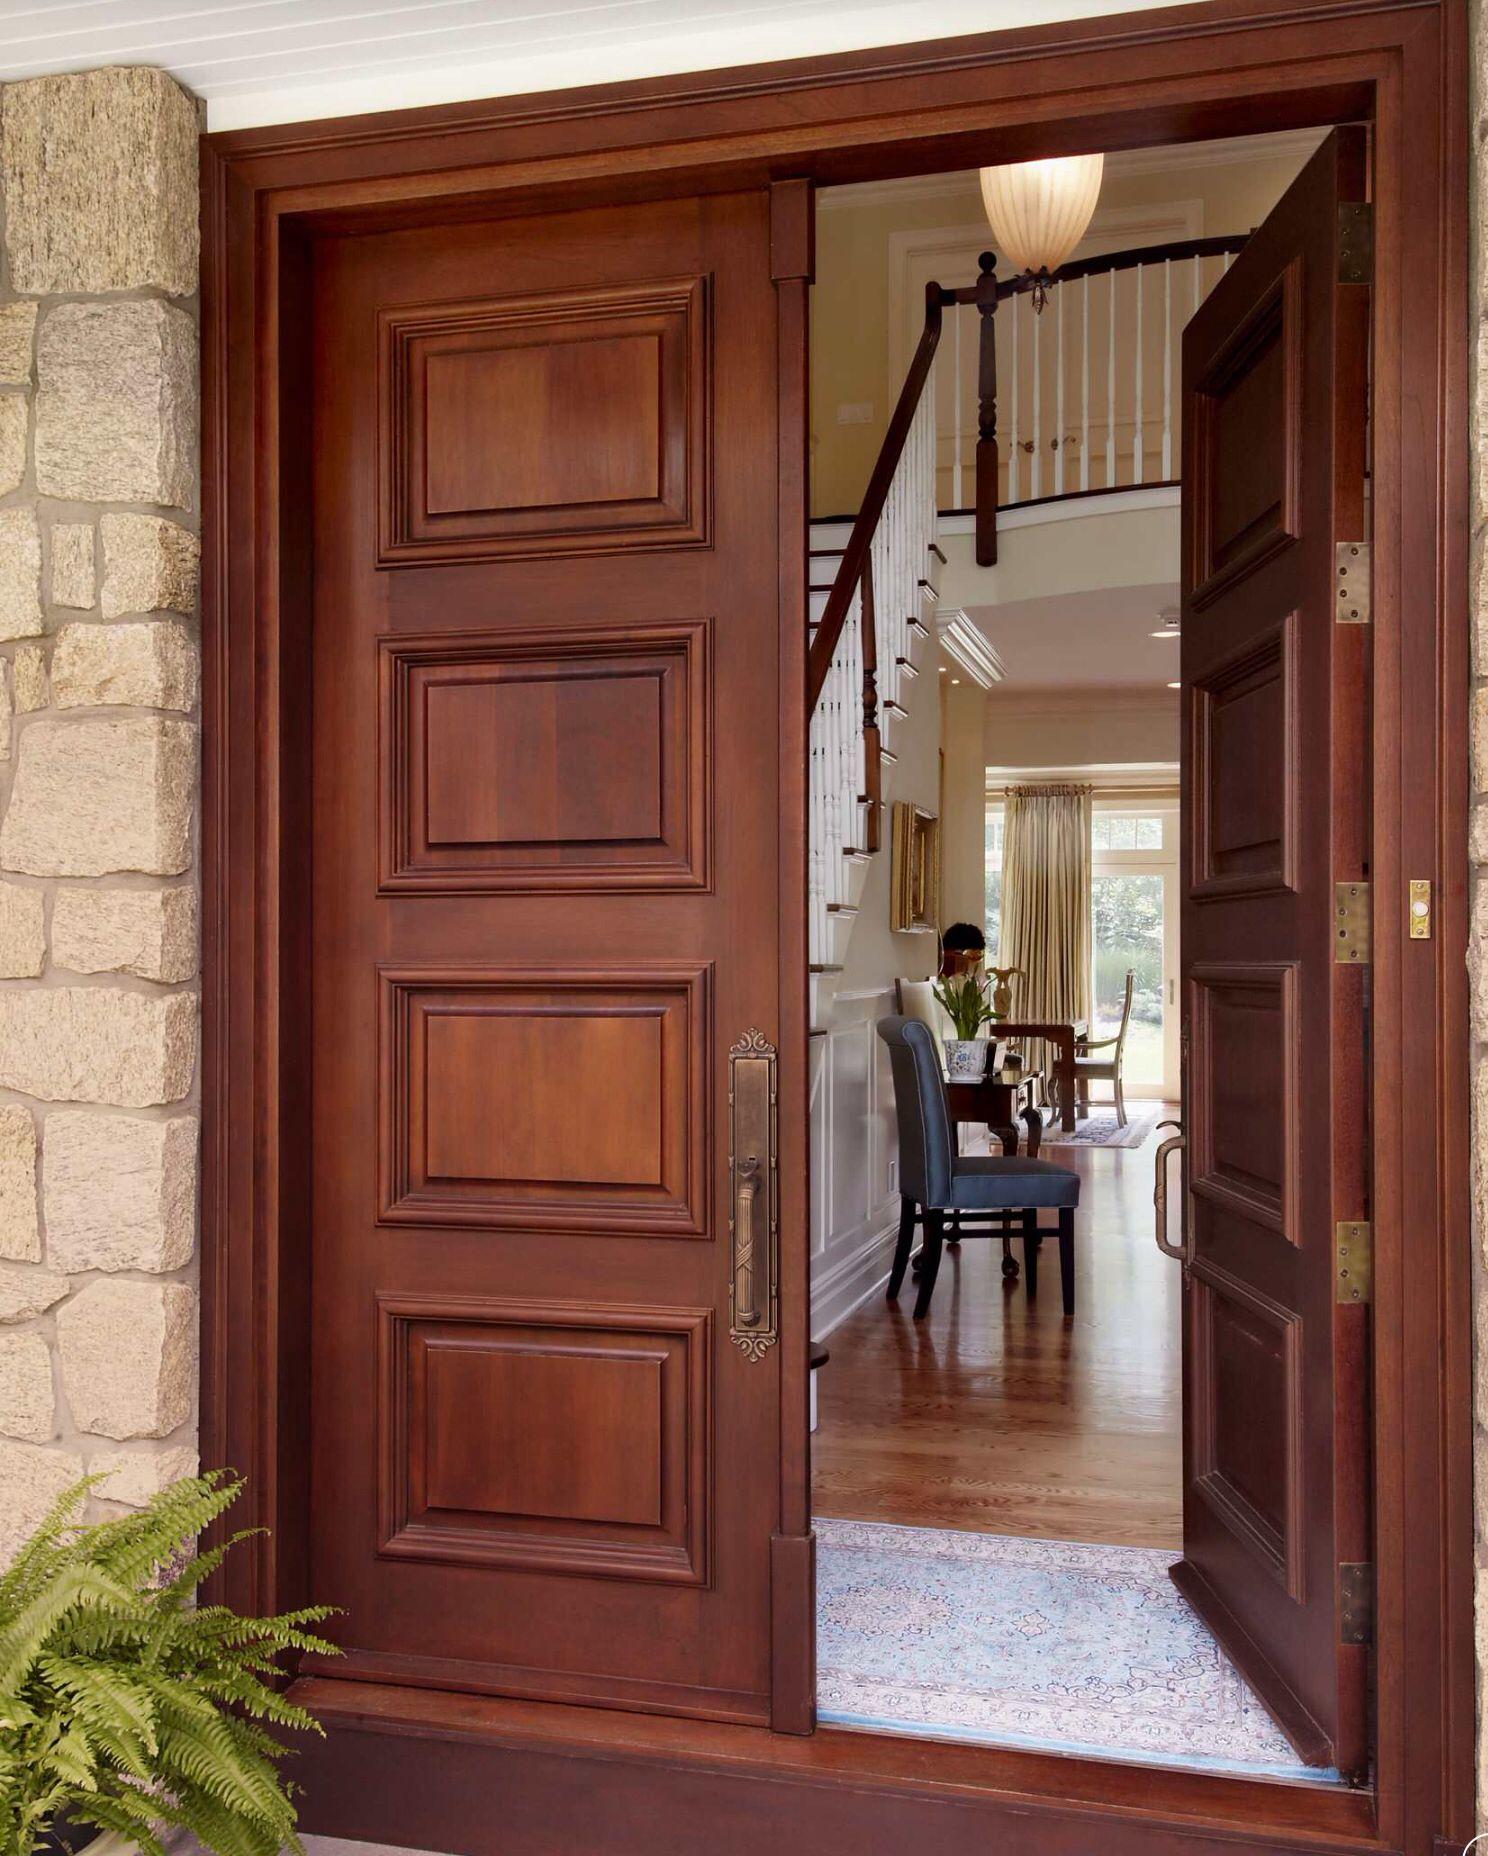 Front Door Paint Colors Want A Quick Makeover Paint Your Front Door A Different Color He Wooden Main Door Design Wooden Double Front Doors Main Door Design